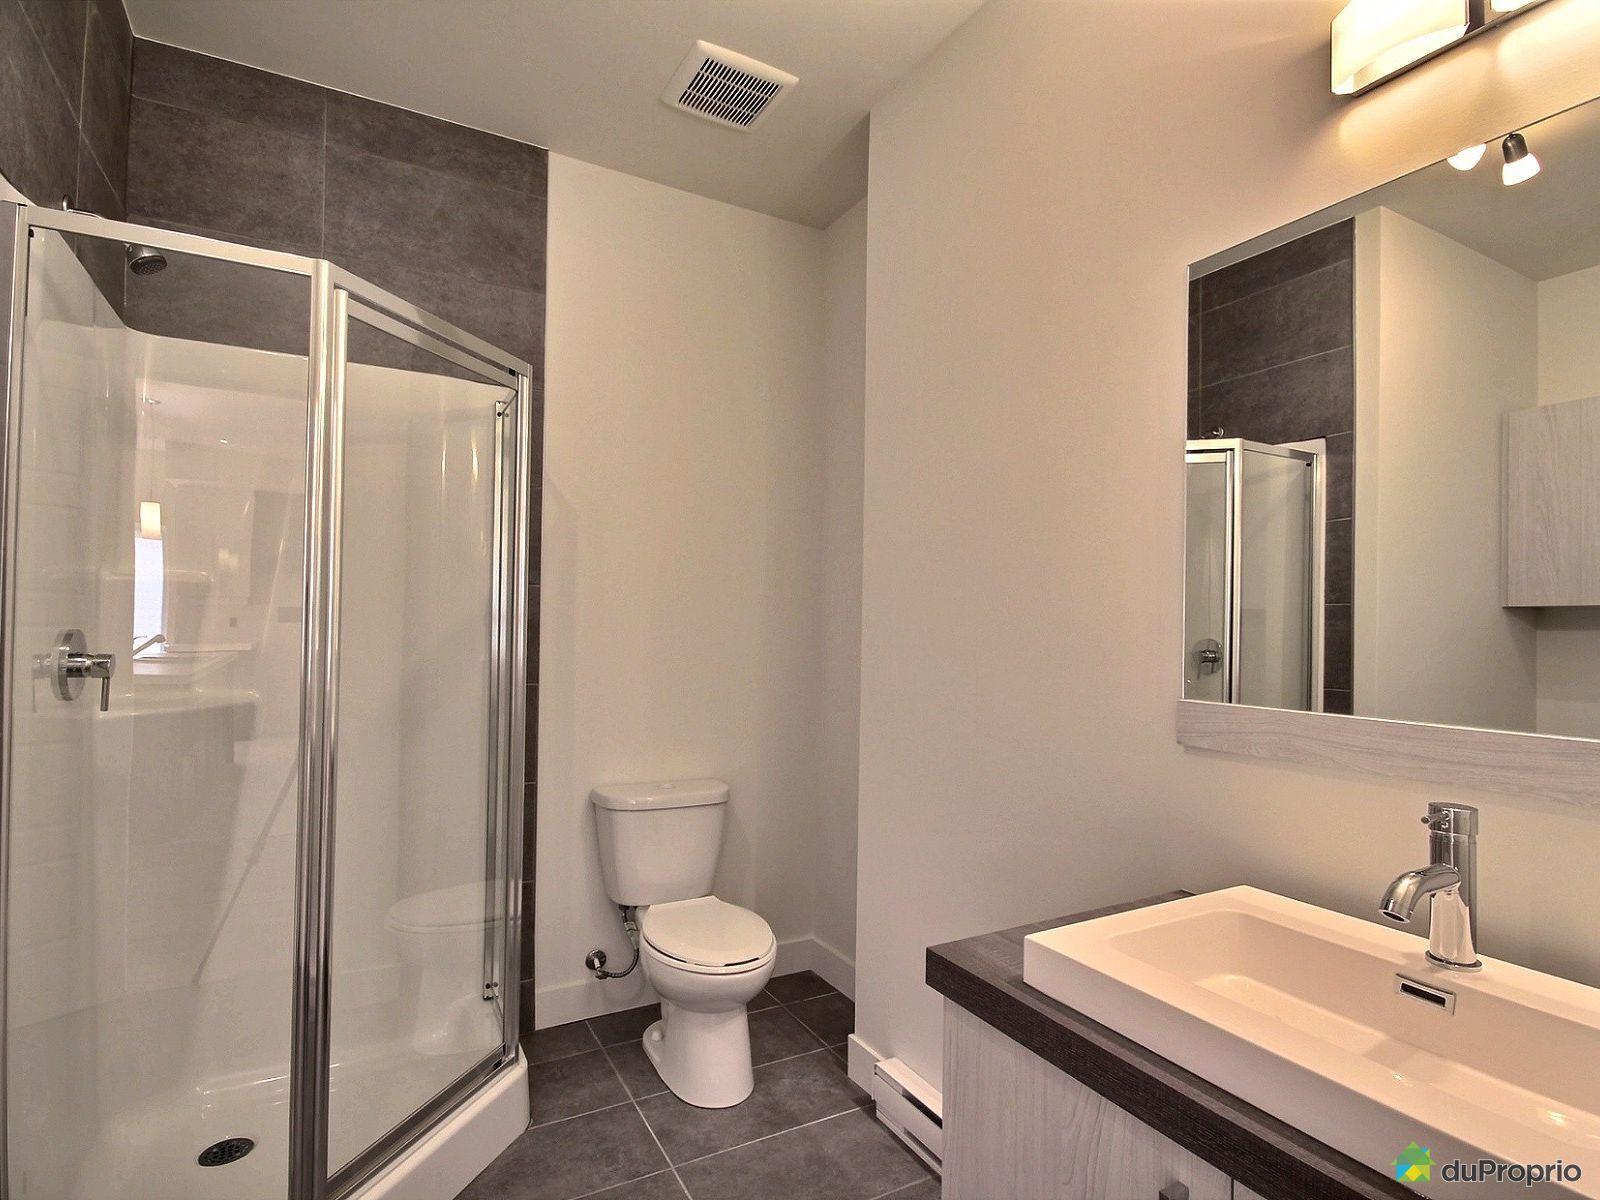 Maison neuve vendre st j r me 420 rue des eaux vives for Accessoire salle de bain st jerome